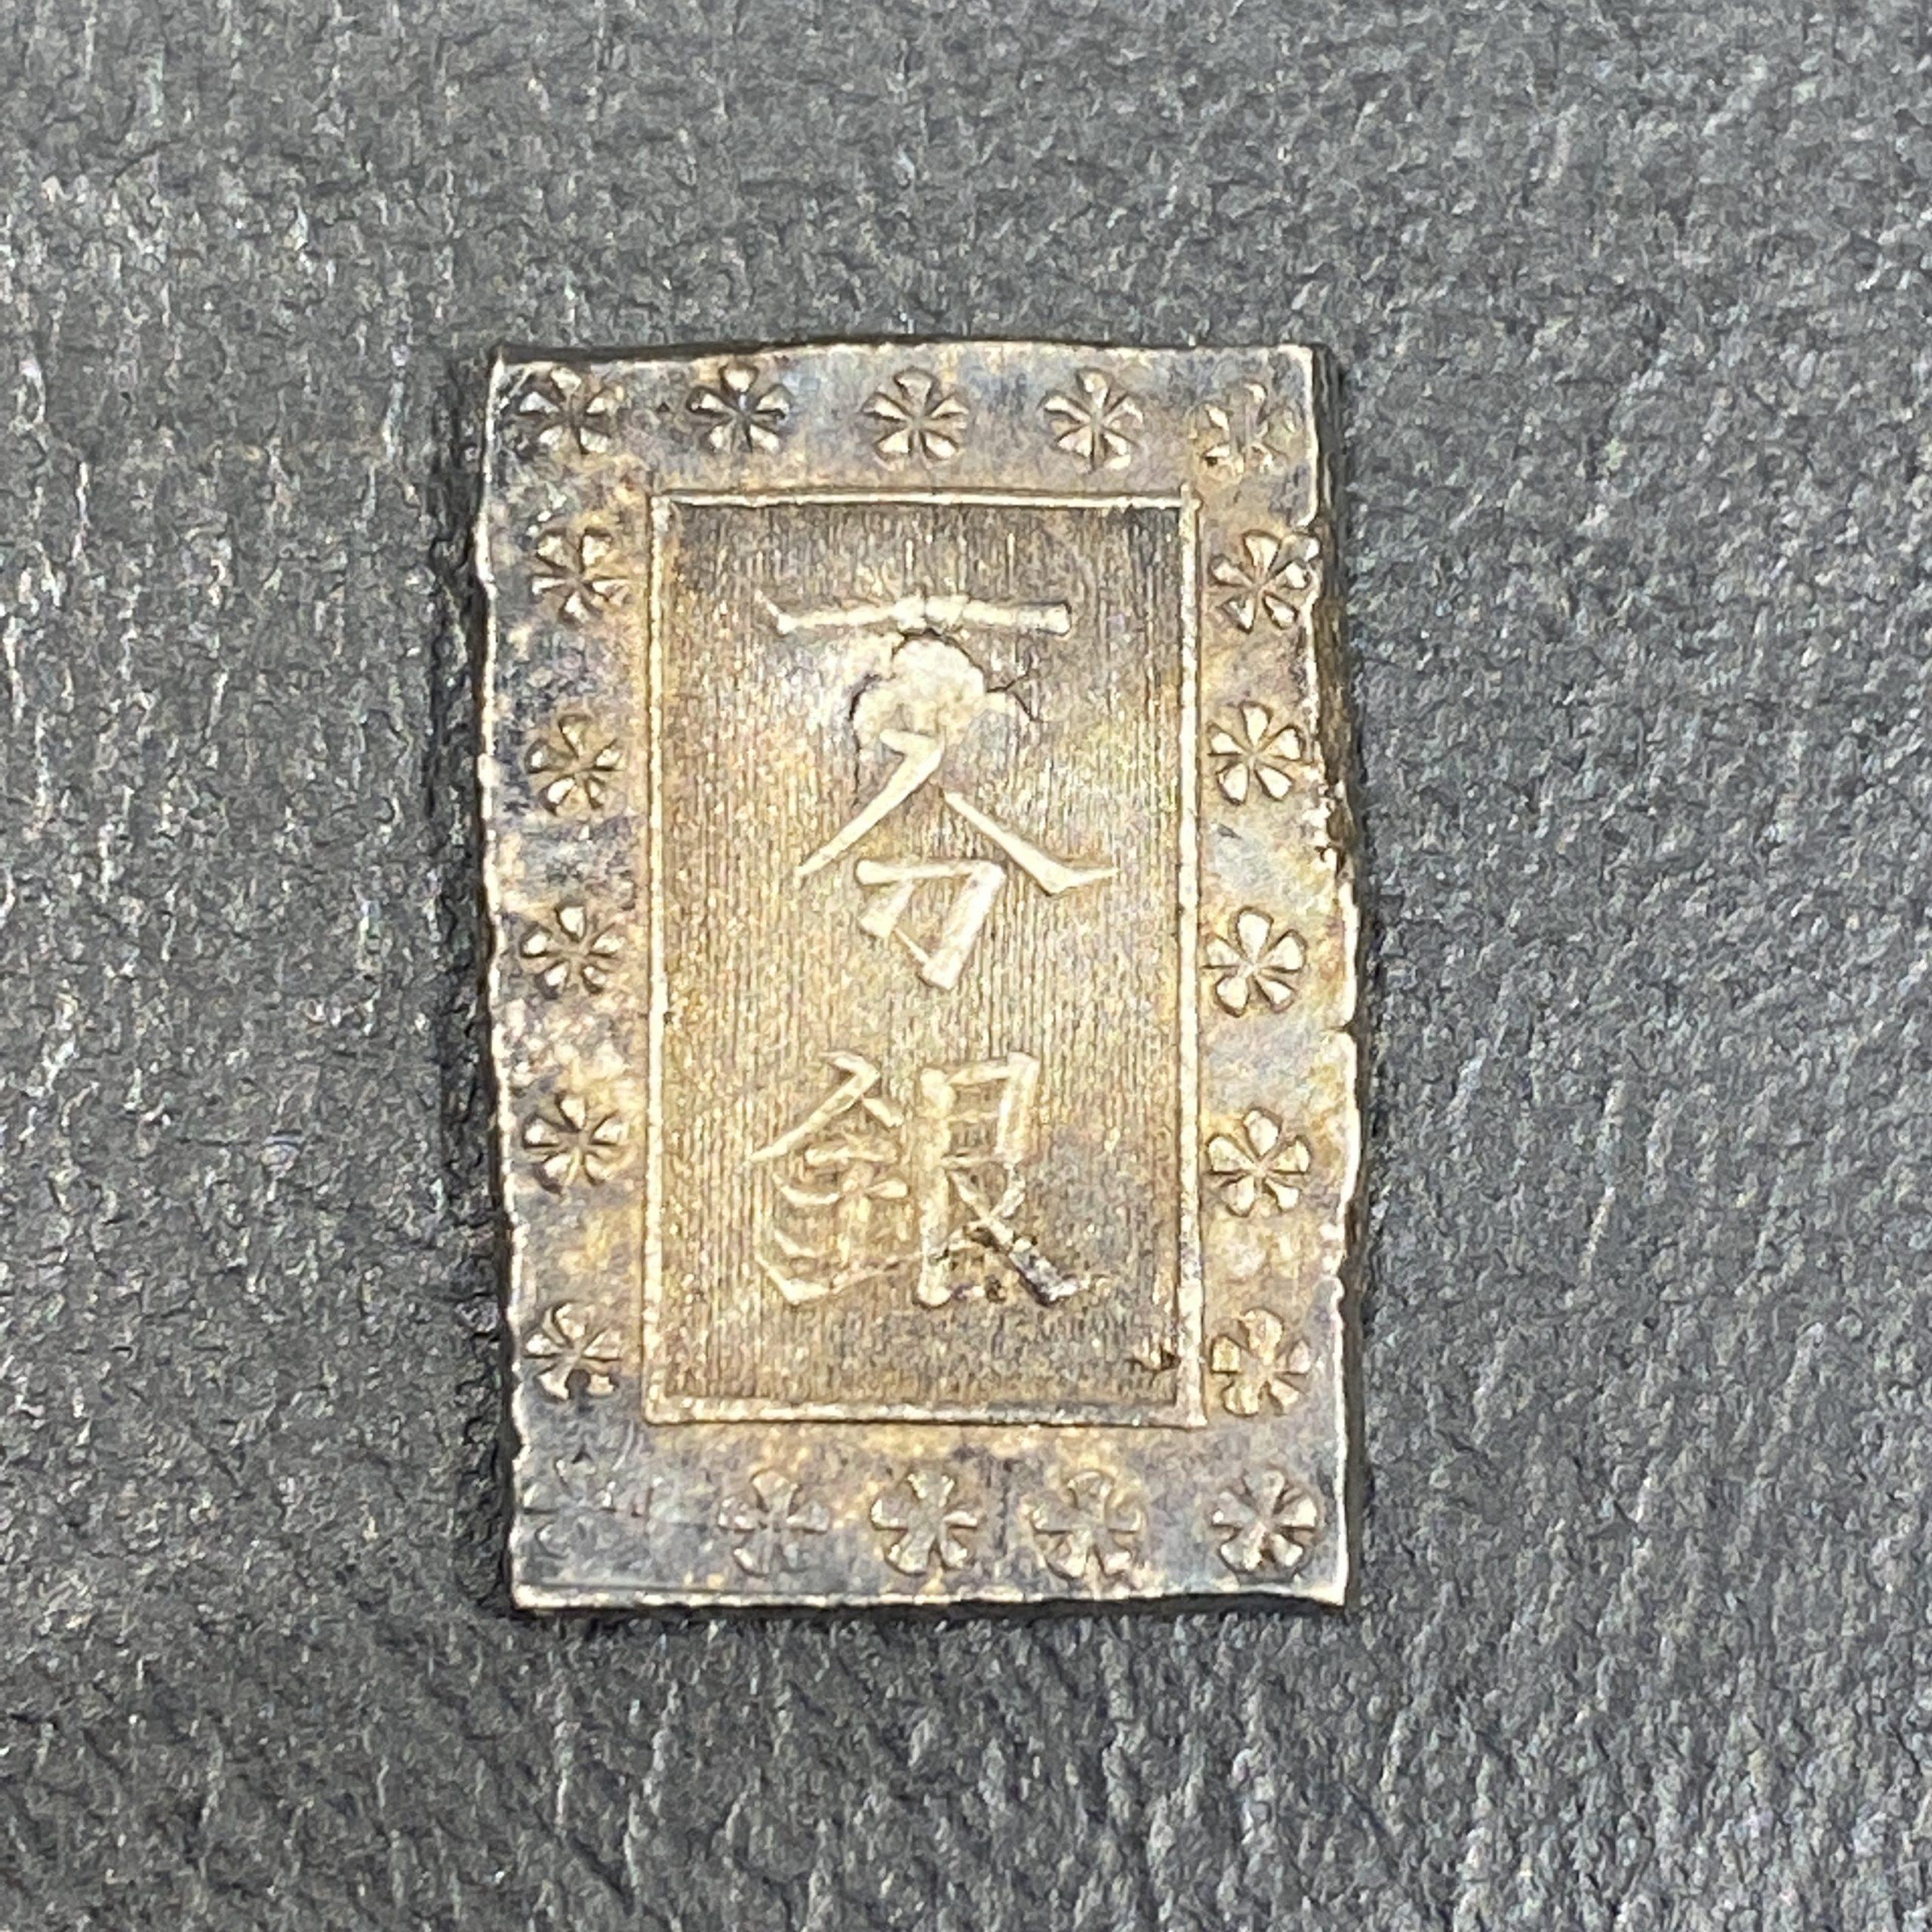 【日本古銭/日本銀貨】一分銀 銀座常是 定